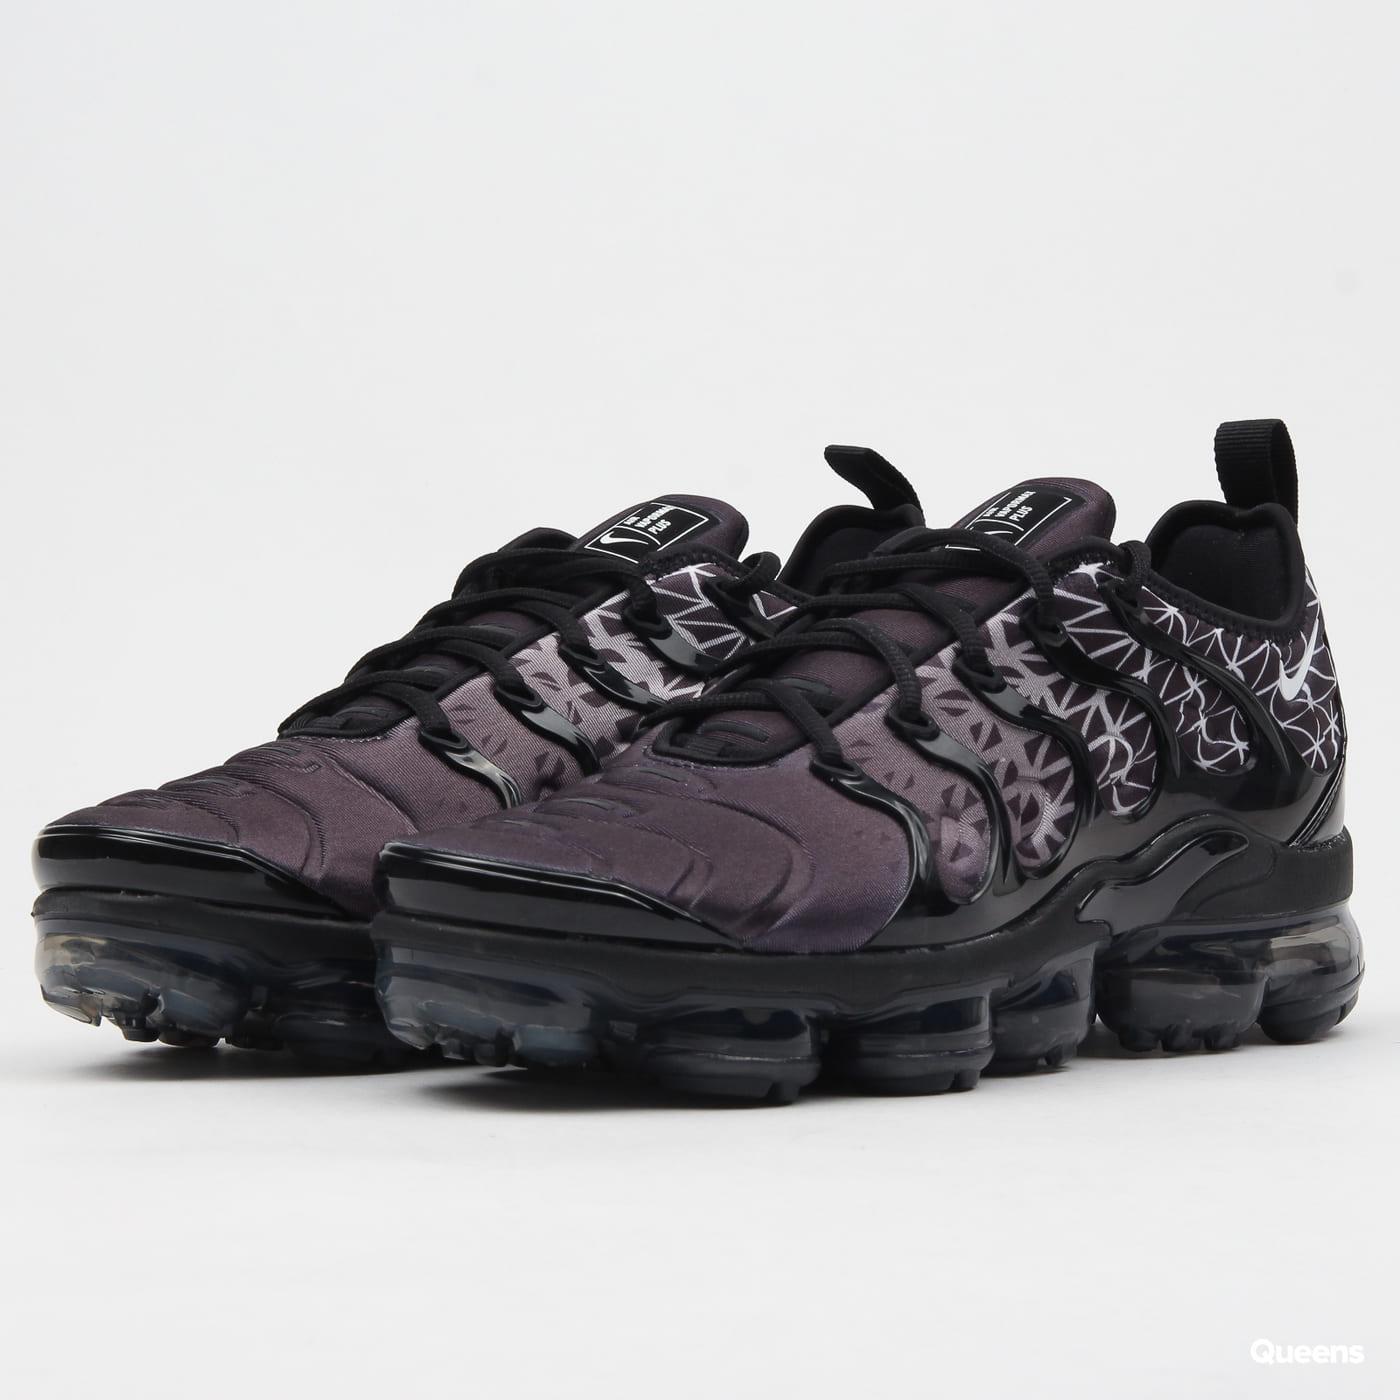 f5445ead64308 Sneakers Nike Air Vapormax Plus (924453-017)– Queens 💚